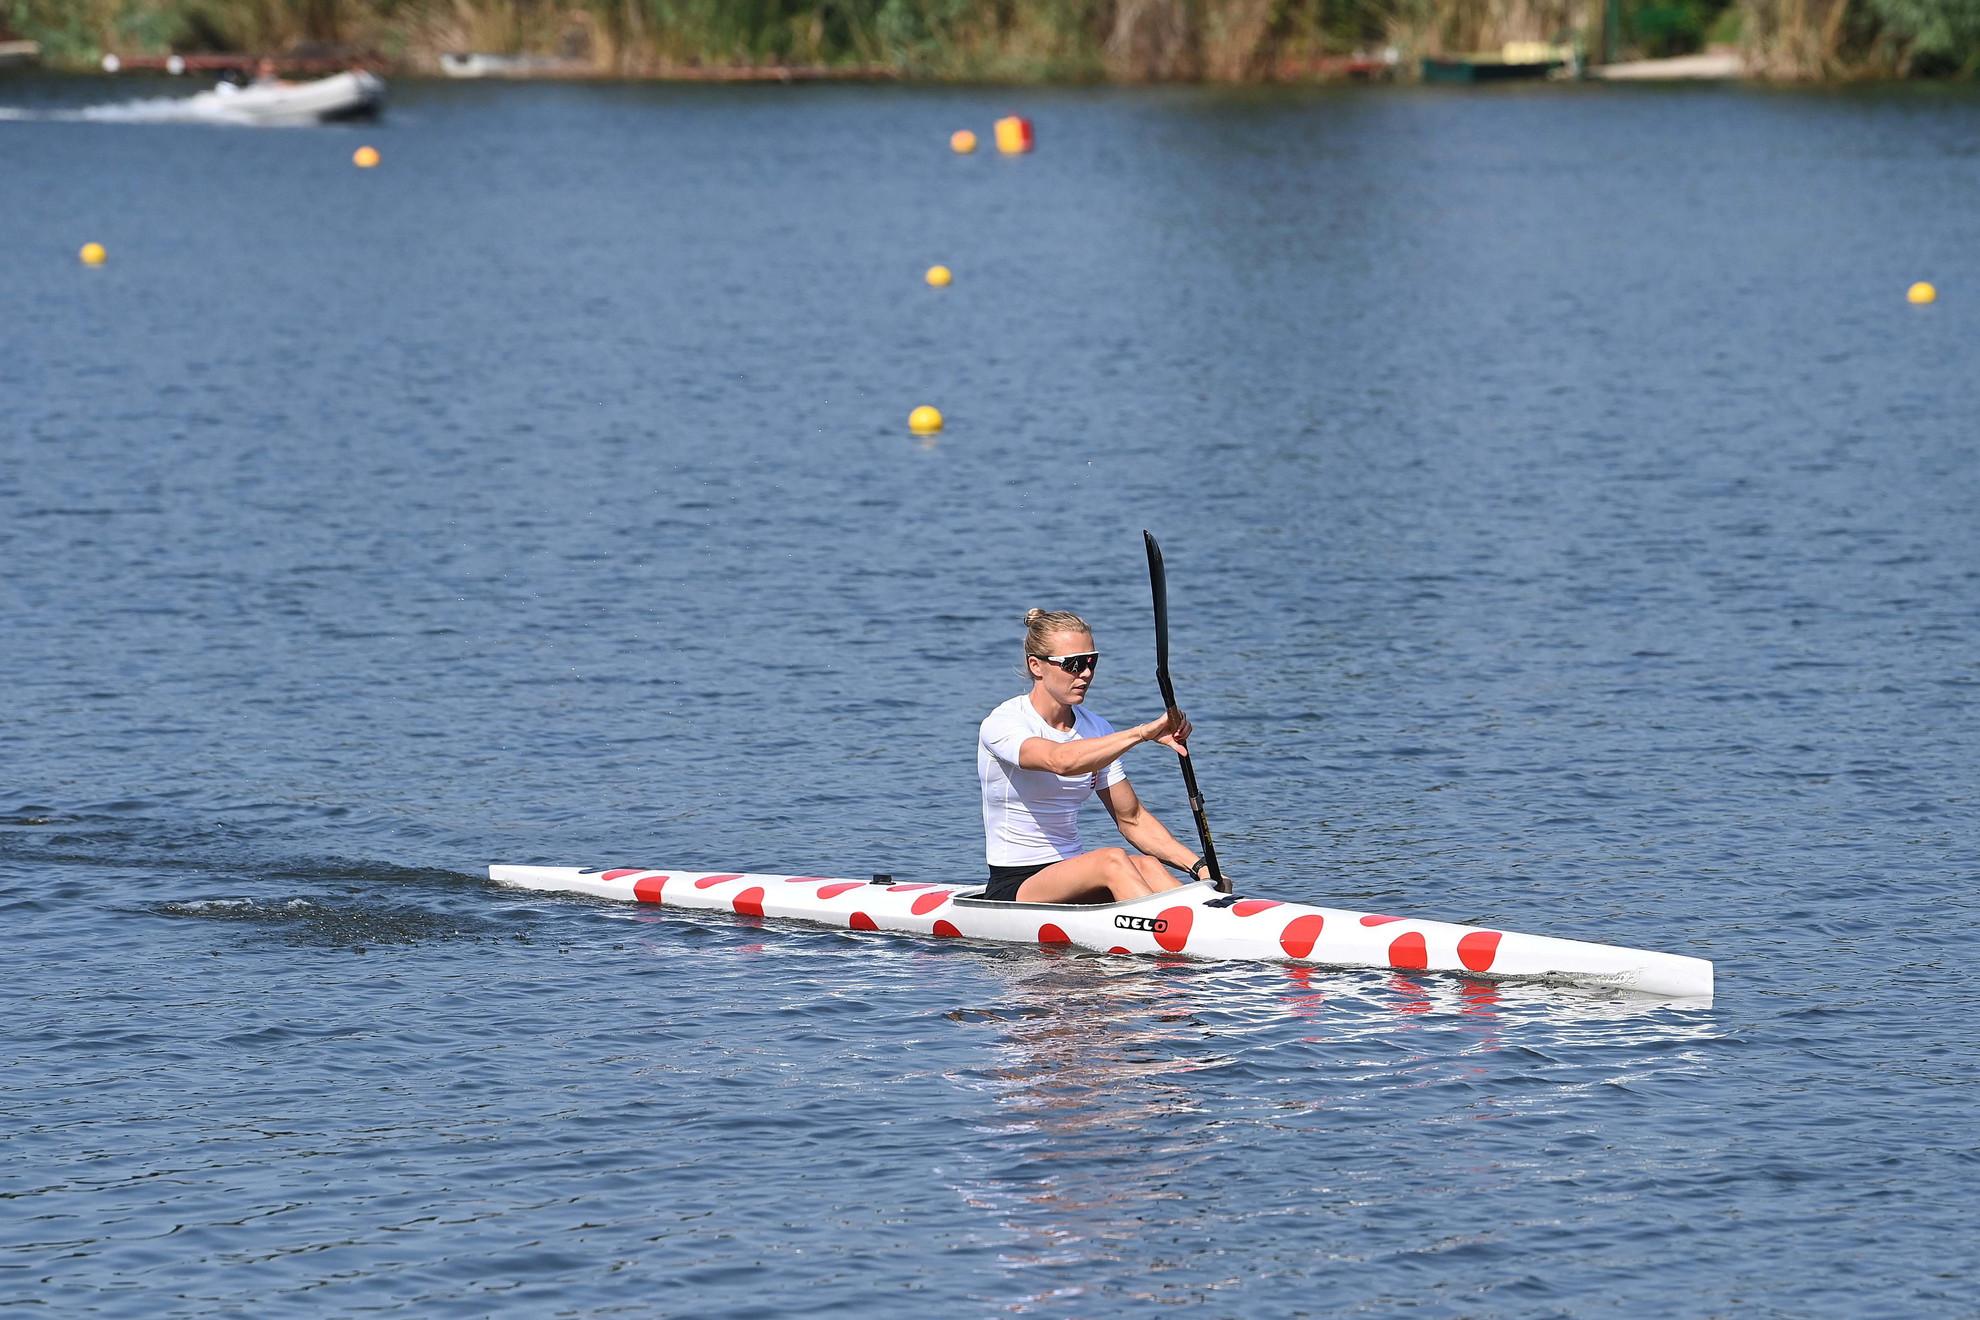 Kárász Anna kajakozó, a tokiói olimpiára utazó csapat tagja a szolnoki edzőtáborban, a Holt-Tiszai Vízisport Telepen